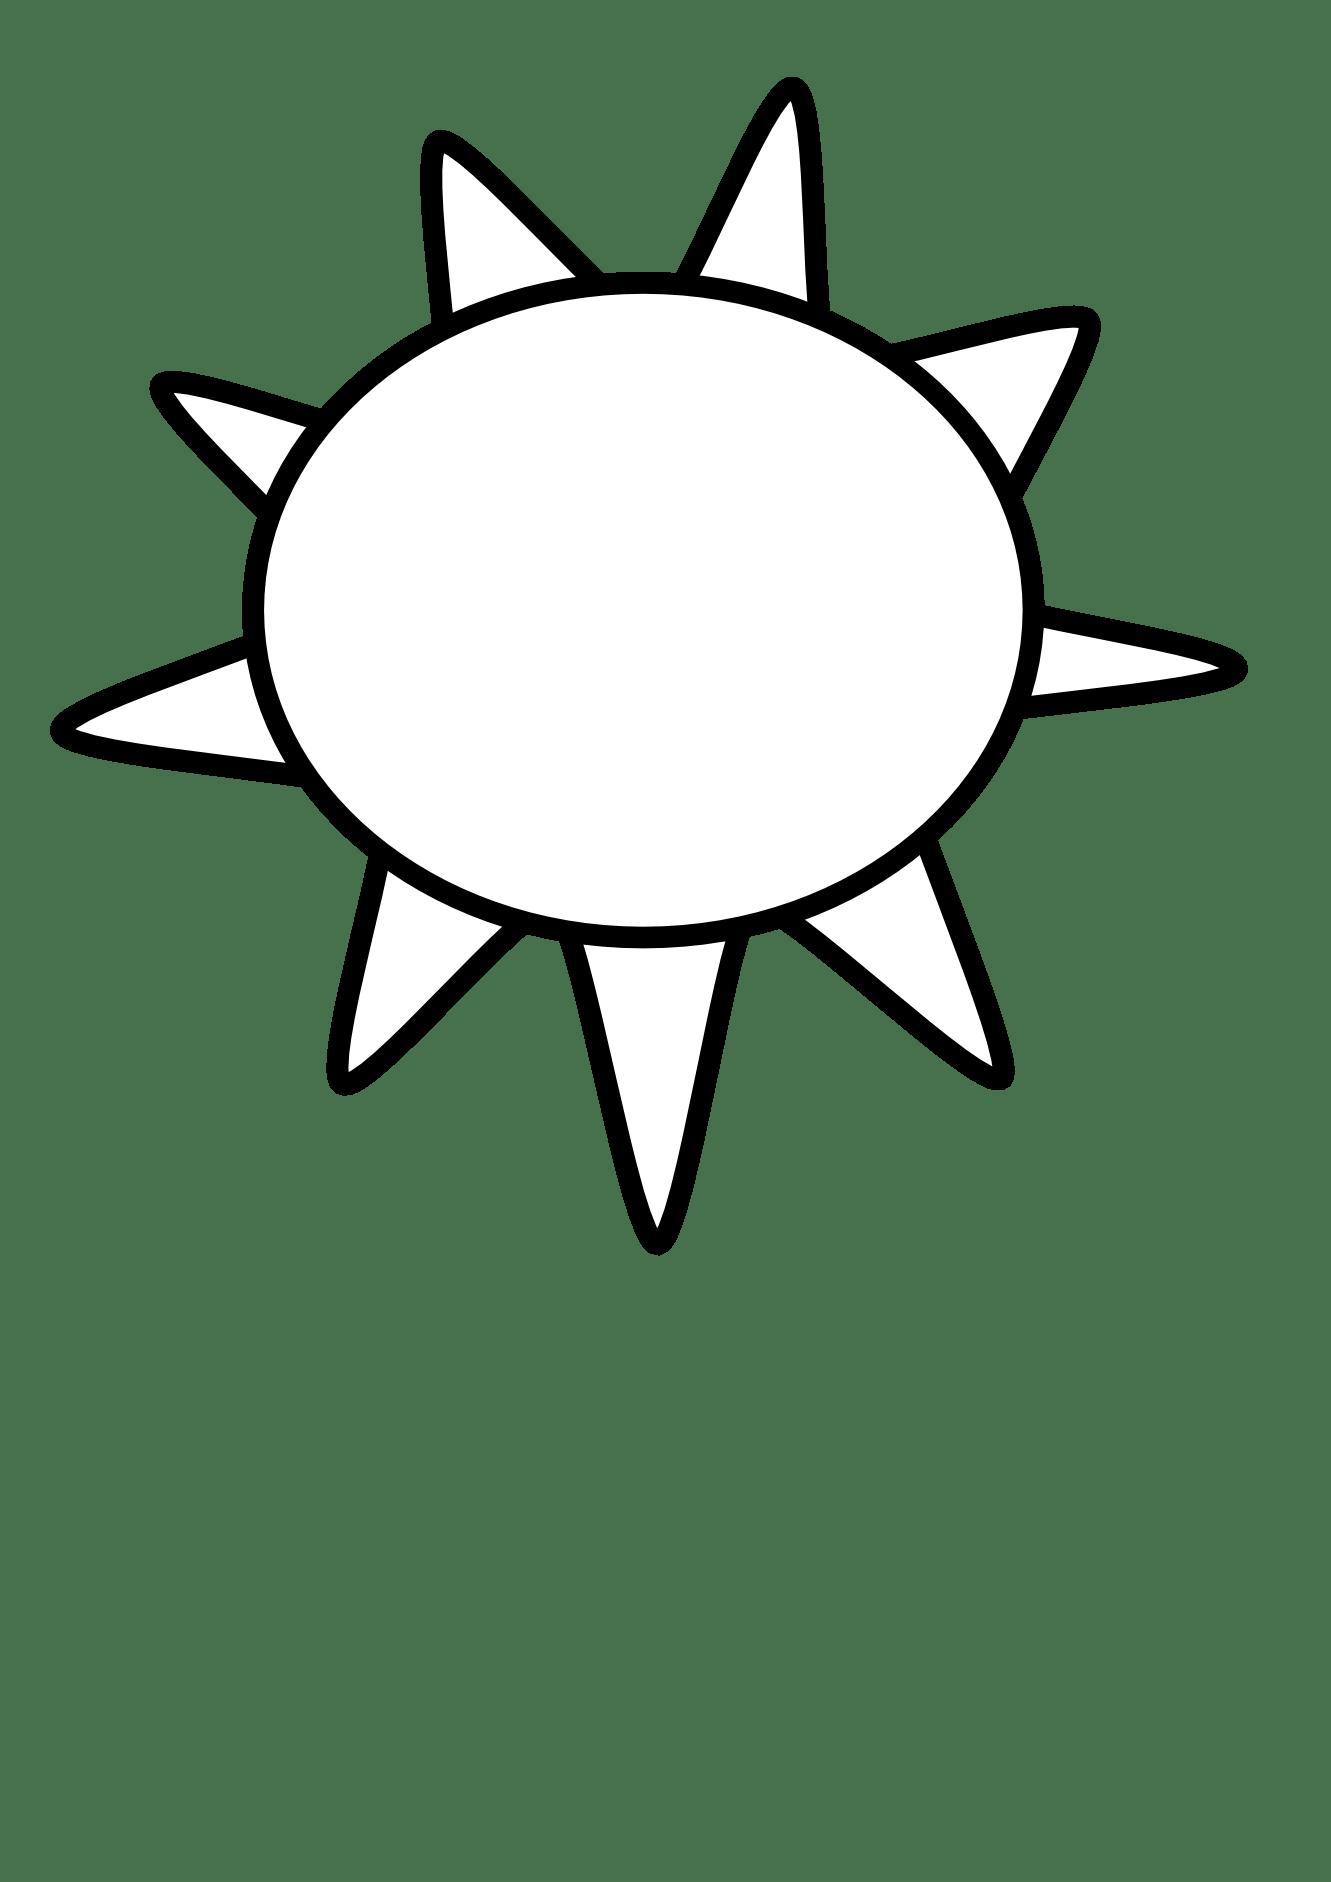 Clipart Sun Outline Clipart Panda